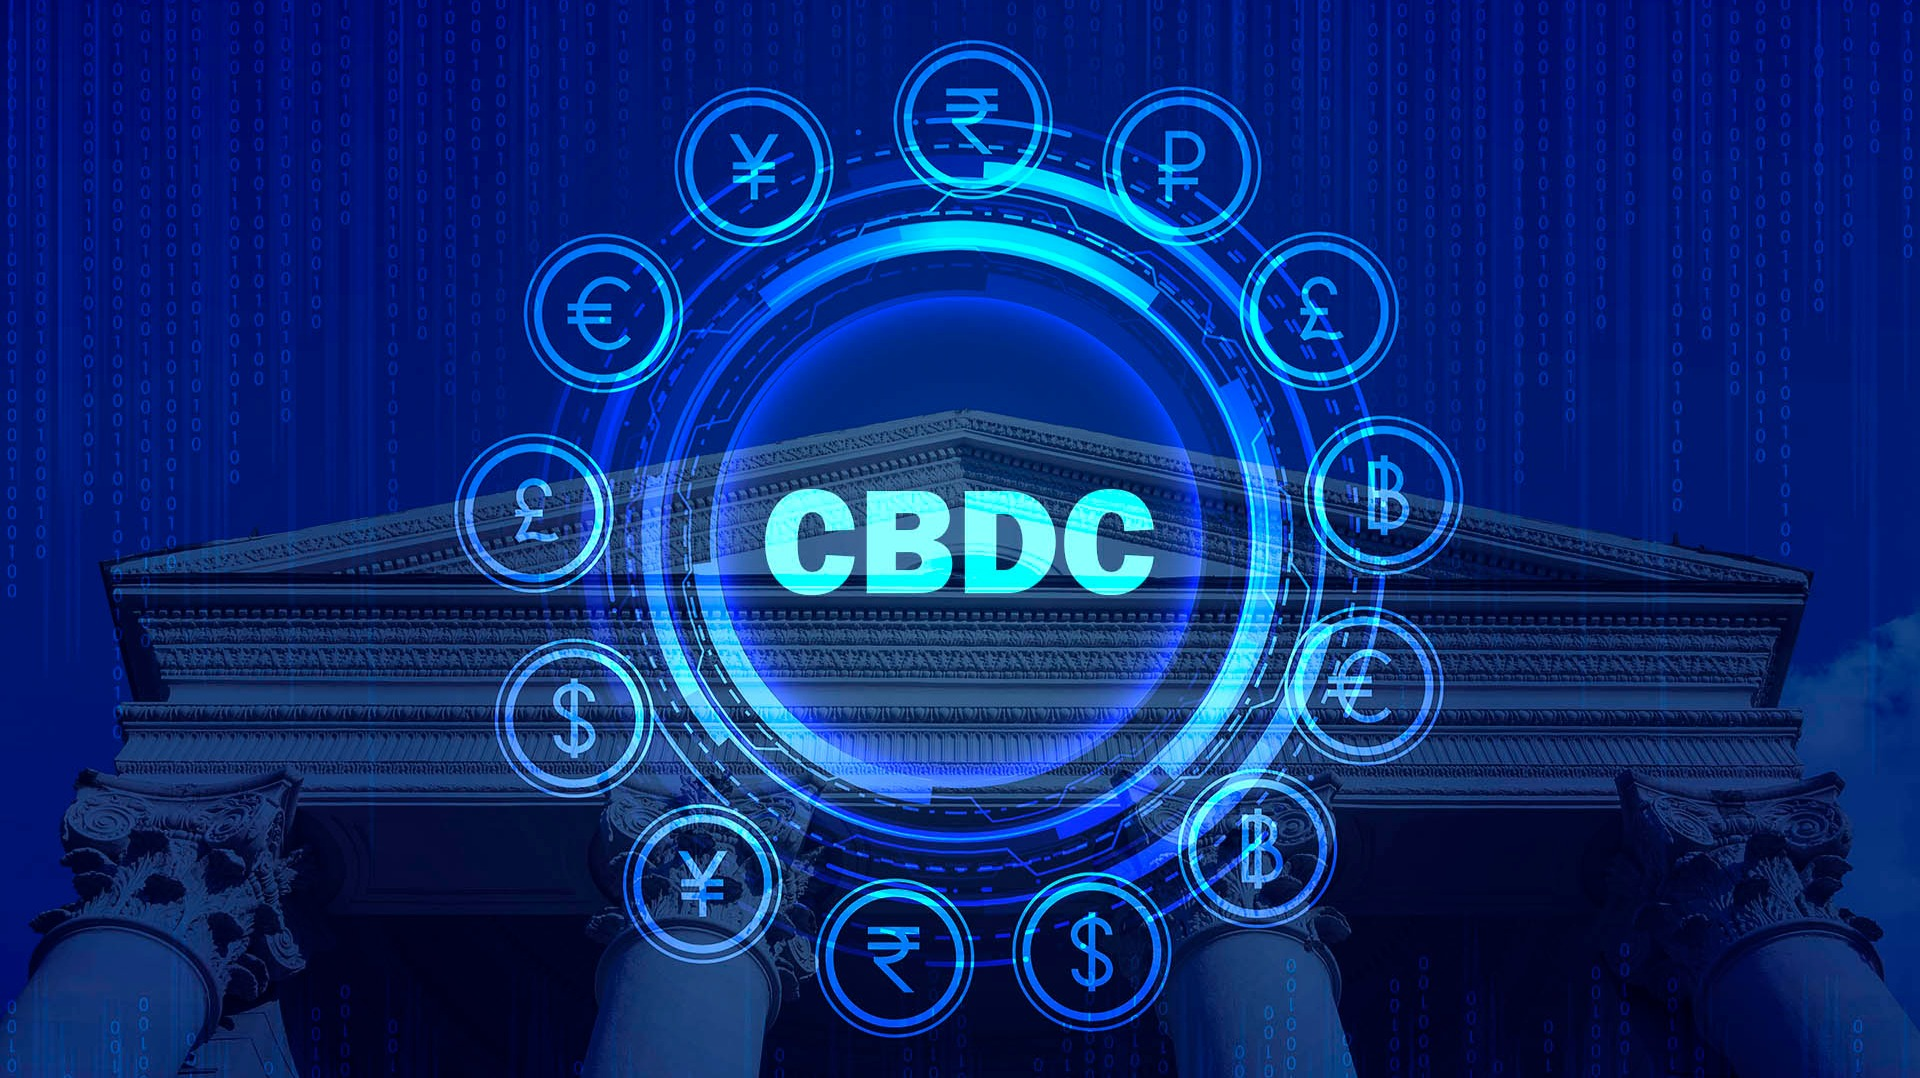 Koronavirüs Merkez Bankası Dijital Para Birimleri CBDCler Sürecini Hızlandırdı